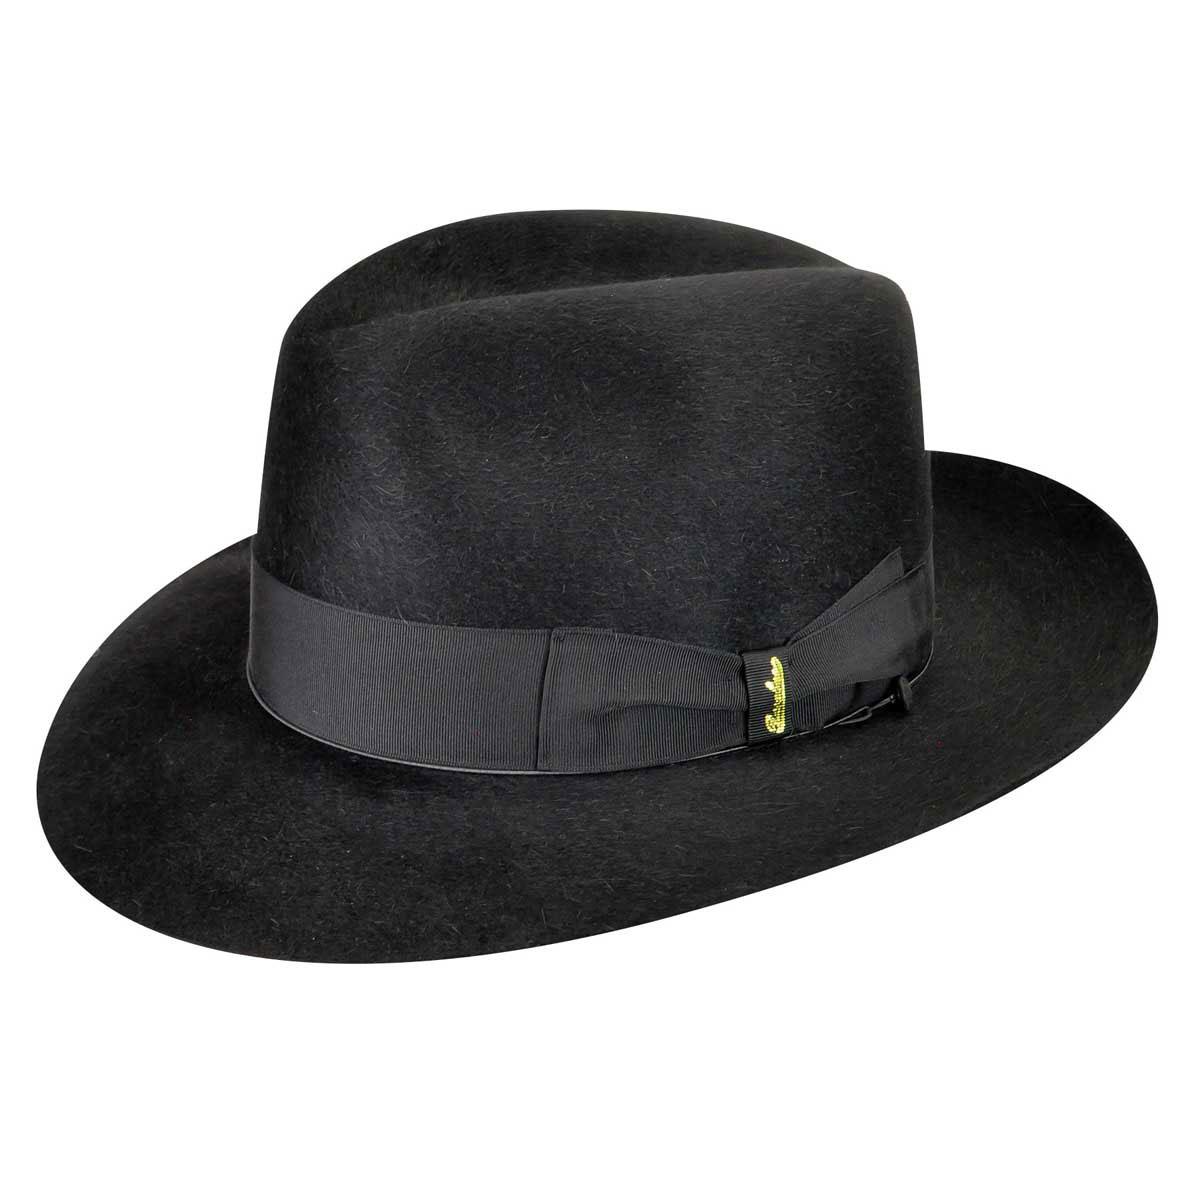 Steampunk Hats | Top Hats | Bowler 110836 Qualita Superiore Fur Felt Fedora $455.00 AT vintagedancer.com